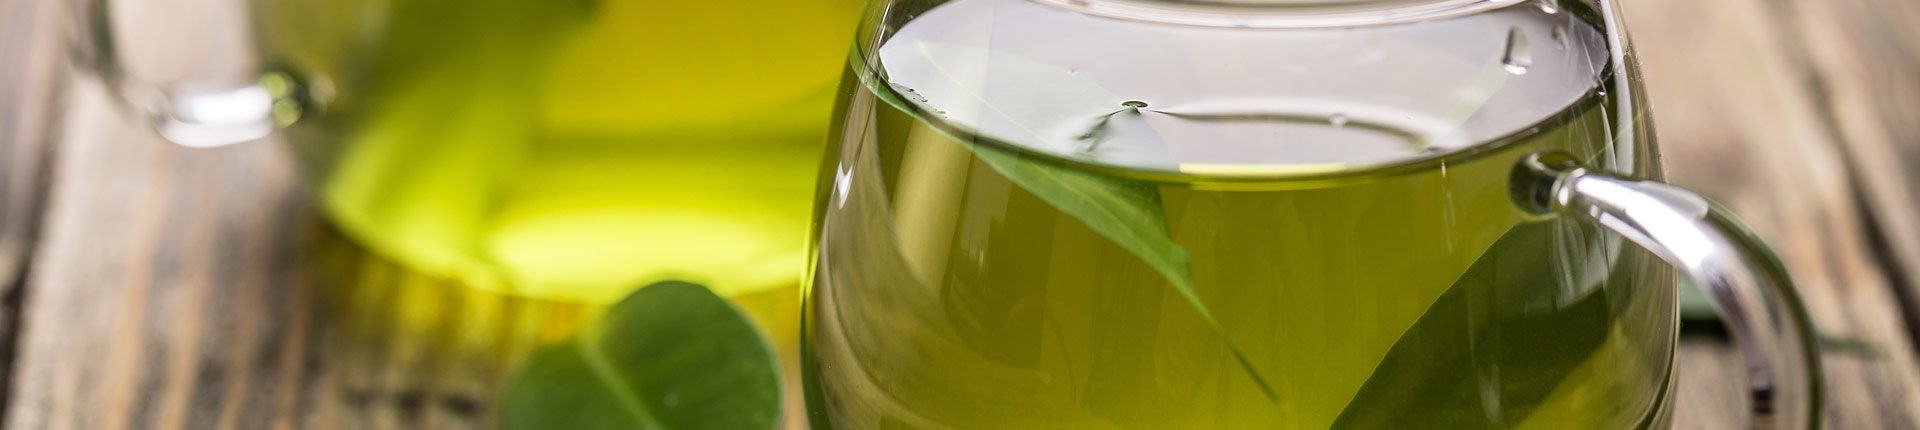 Herbaty, które pomagają zwalczać stany zapalne